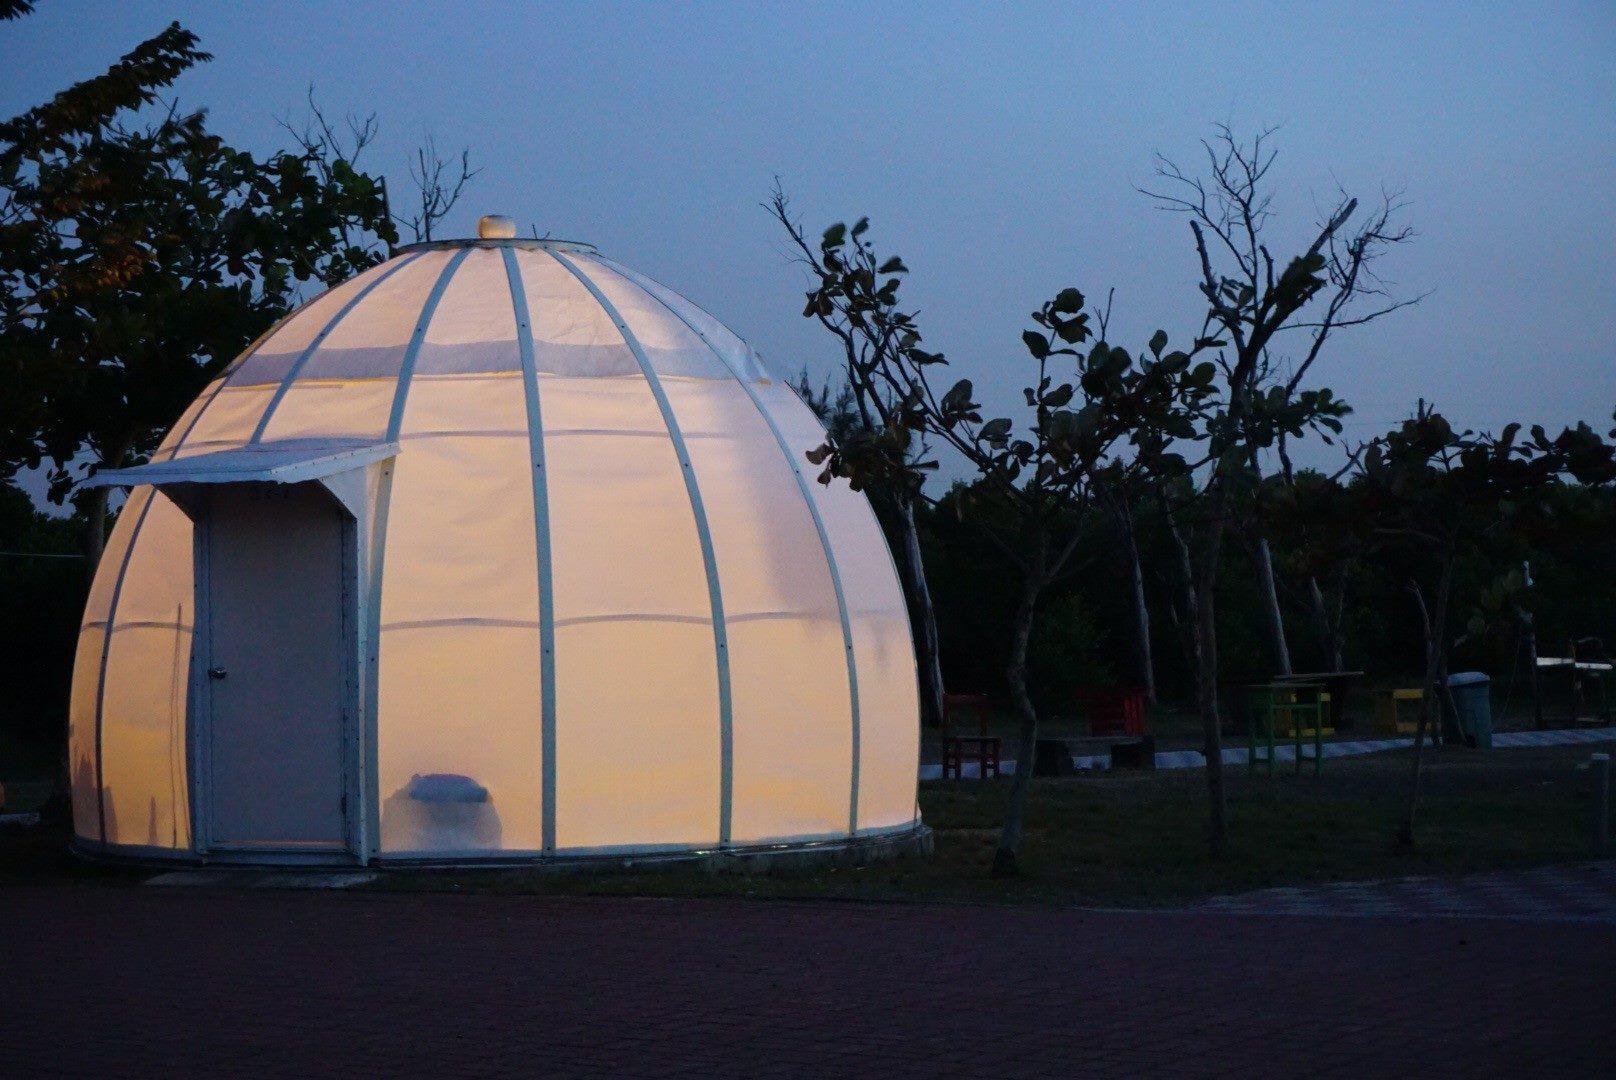 不用踏出屋外就能看见满天星星!3 大超梦幻「星空露营区」推荐 网友:「我不想回家了」 - 宅男圈